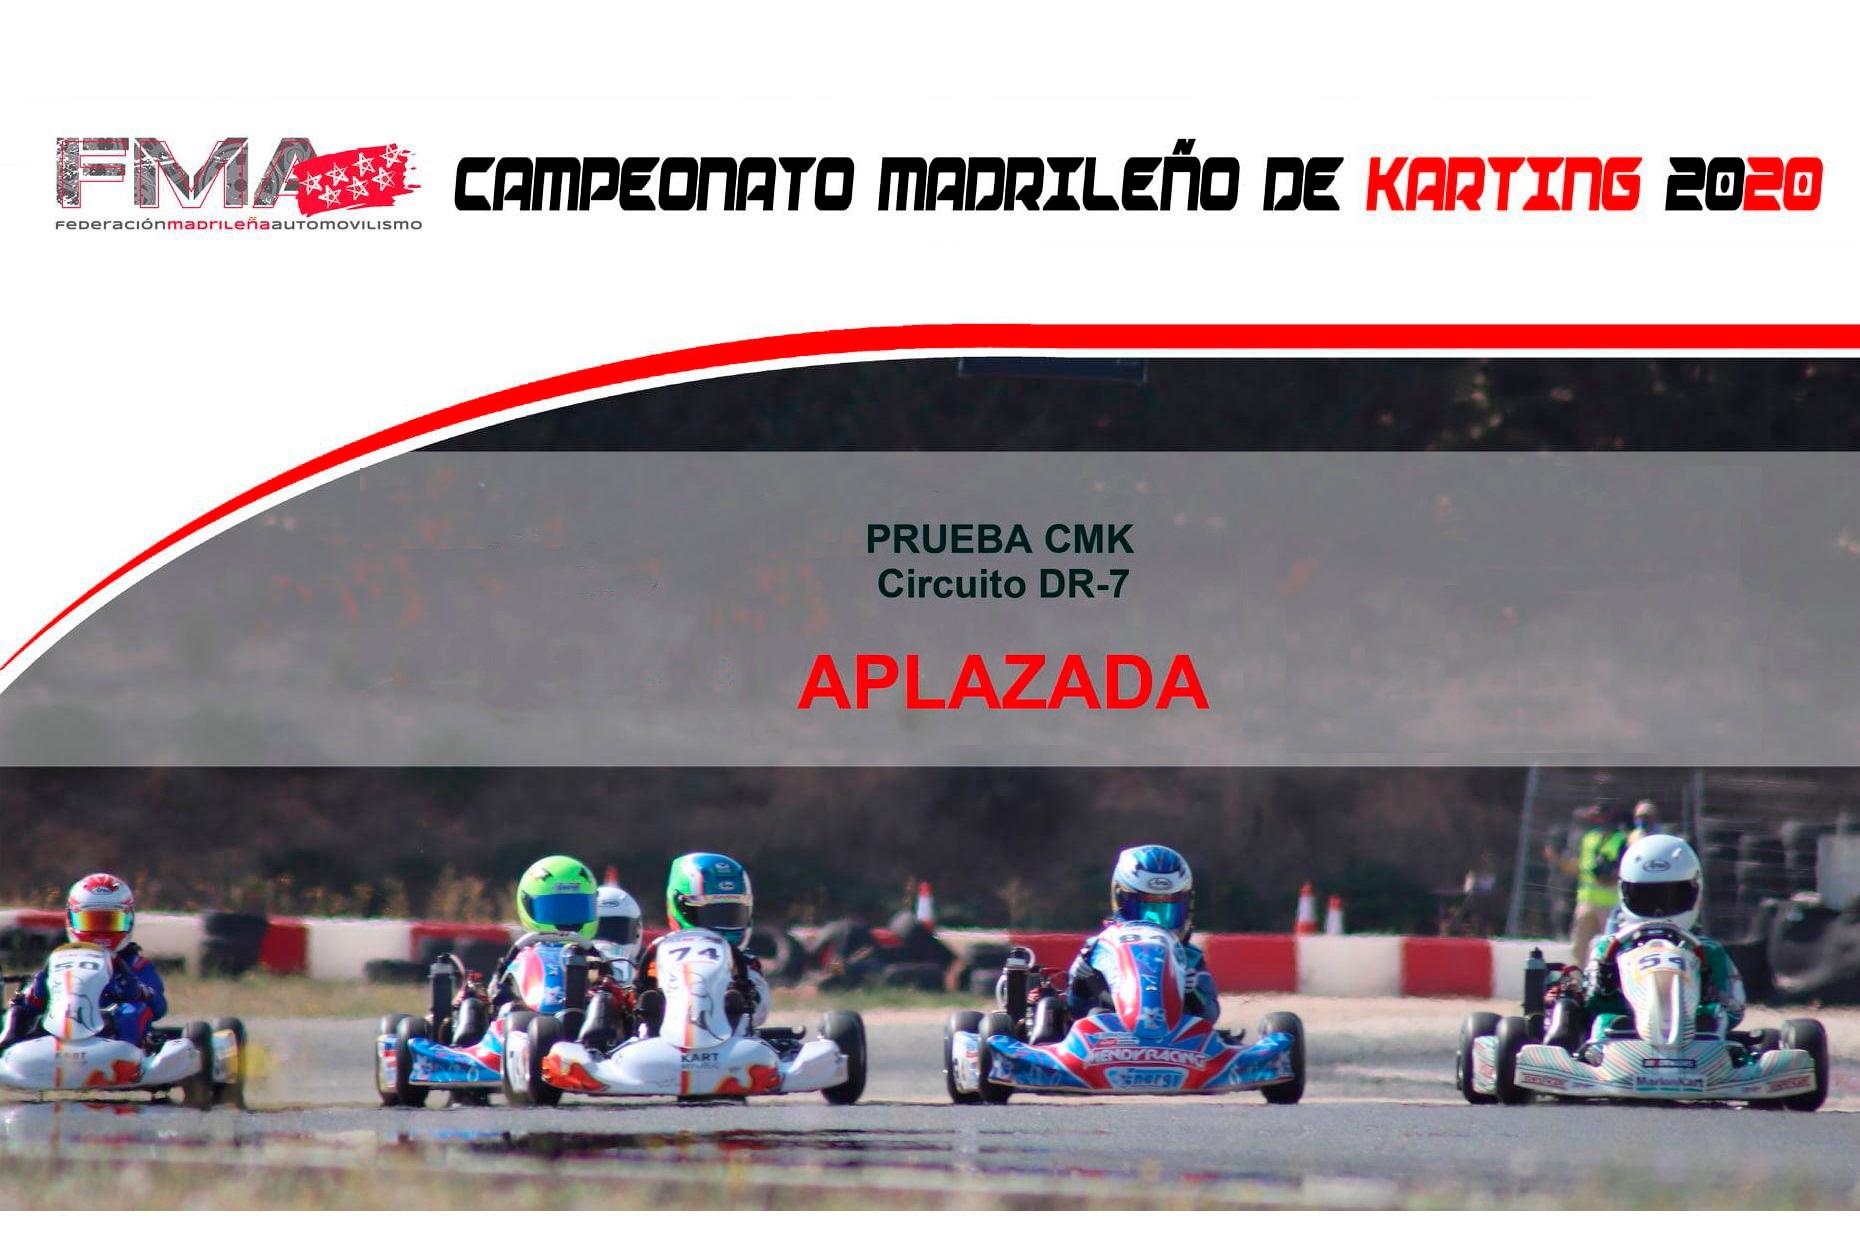 Amargo final para el Campeonato Madrileño de Karting 2020